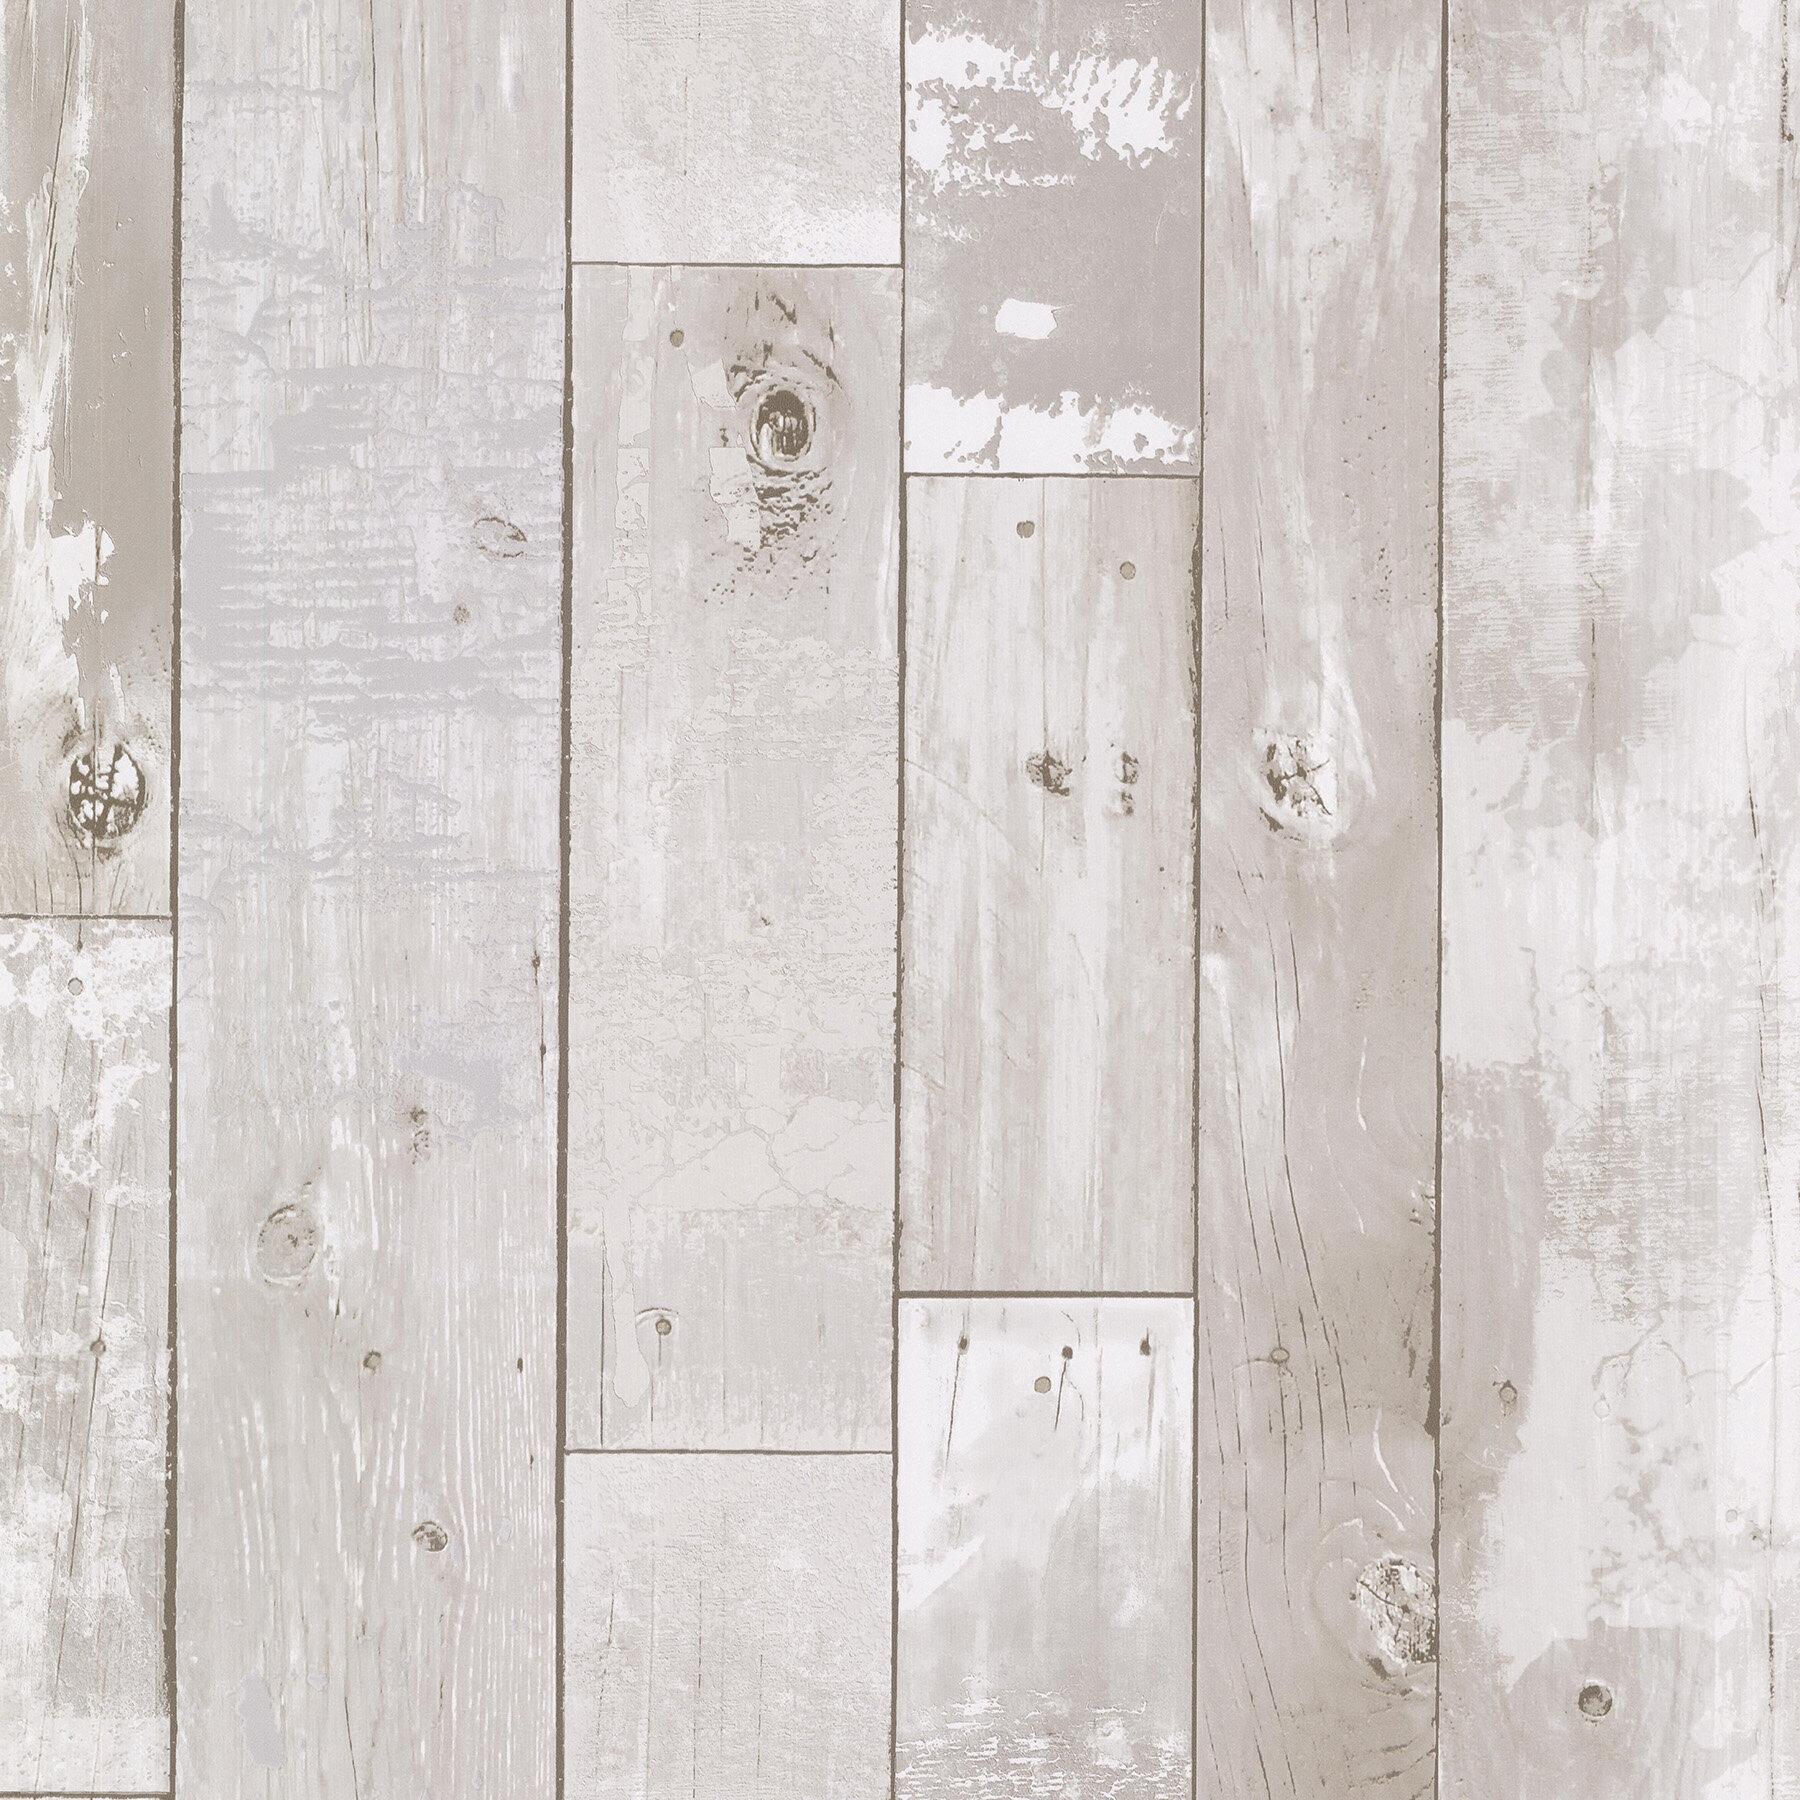 brewster home fashions kitchen bath resource iii 33 x 20 5 heim